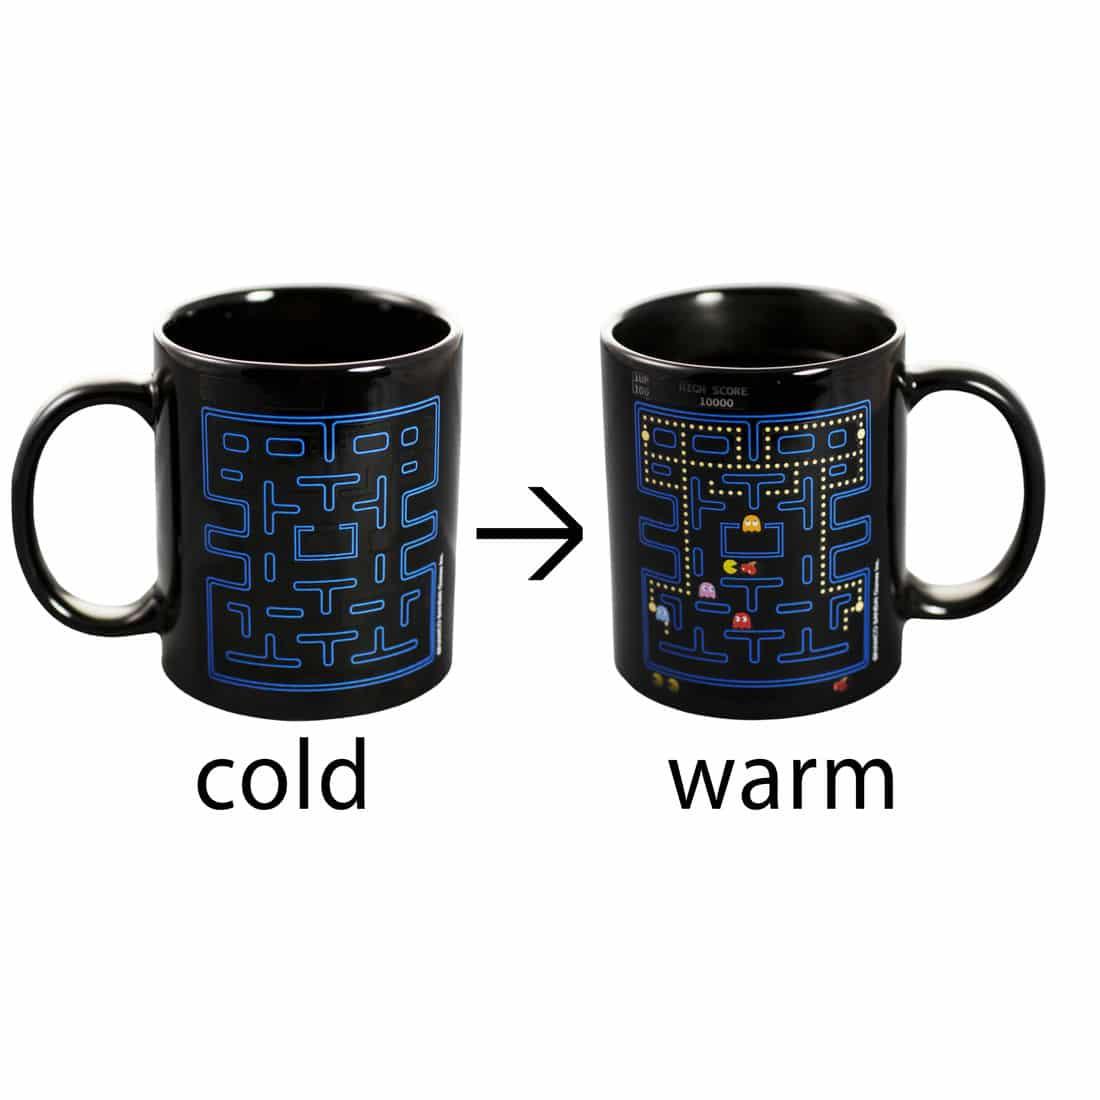 Tasse mit Thermoeffekt: Ein absoluter Hingucker. (Foto: GetDigital.de)